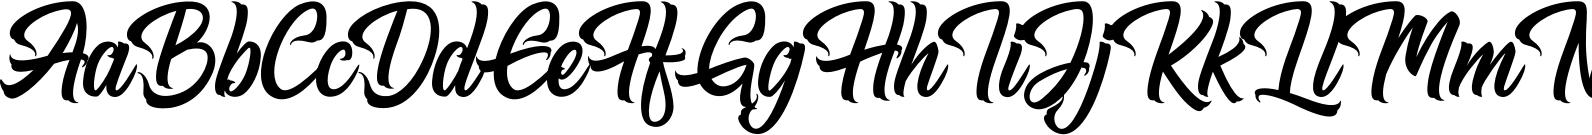 Hugtophia